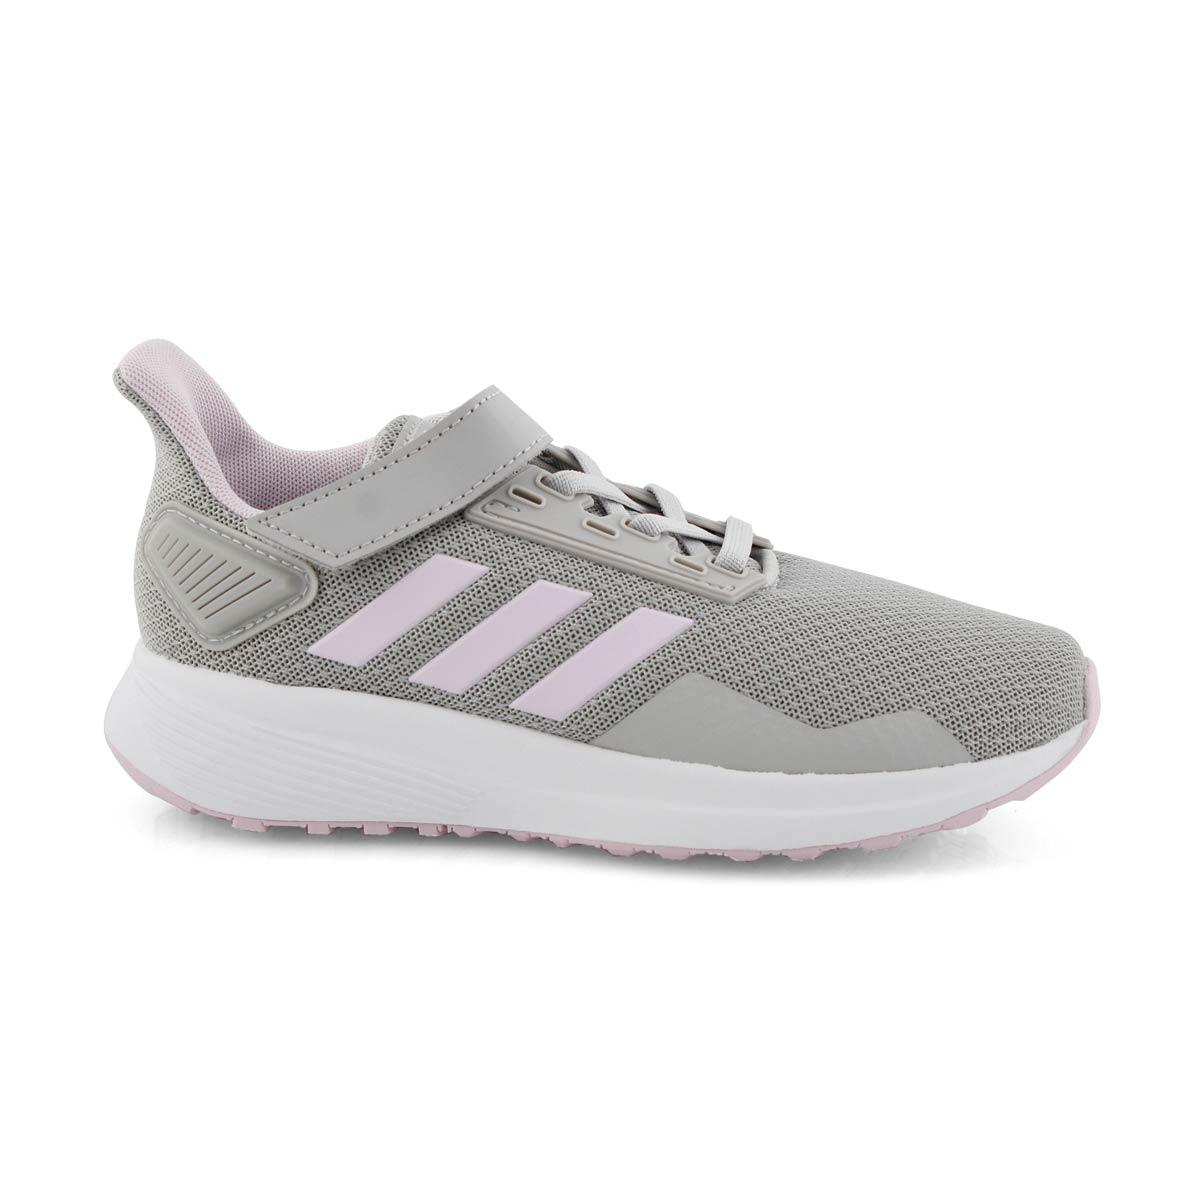 Girls' DURAMO 9 C grey pink runners